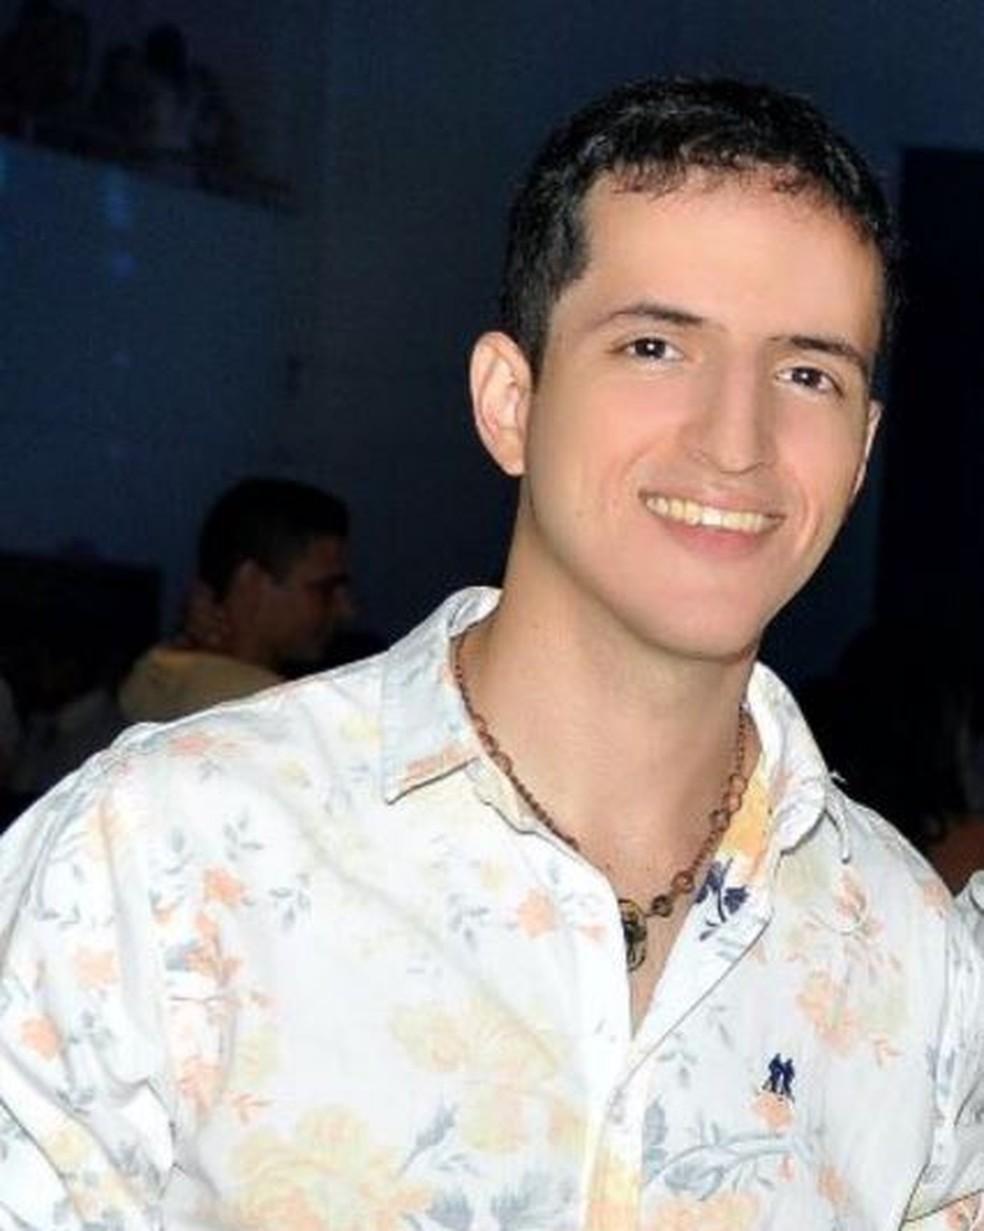 Bruno Borges está fora do país e avisou ao pai que todas as obras devem ser diponibilizadas gratuitamente (Foto: Arquivo pessoal )